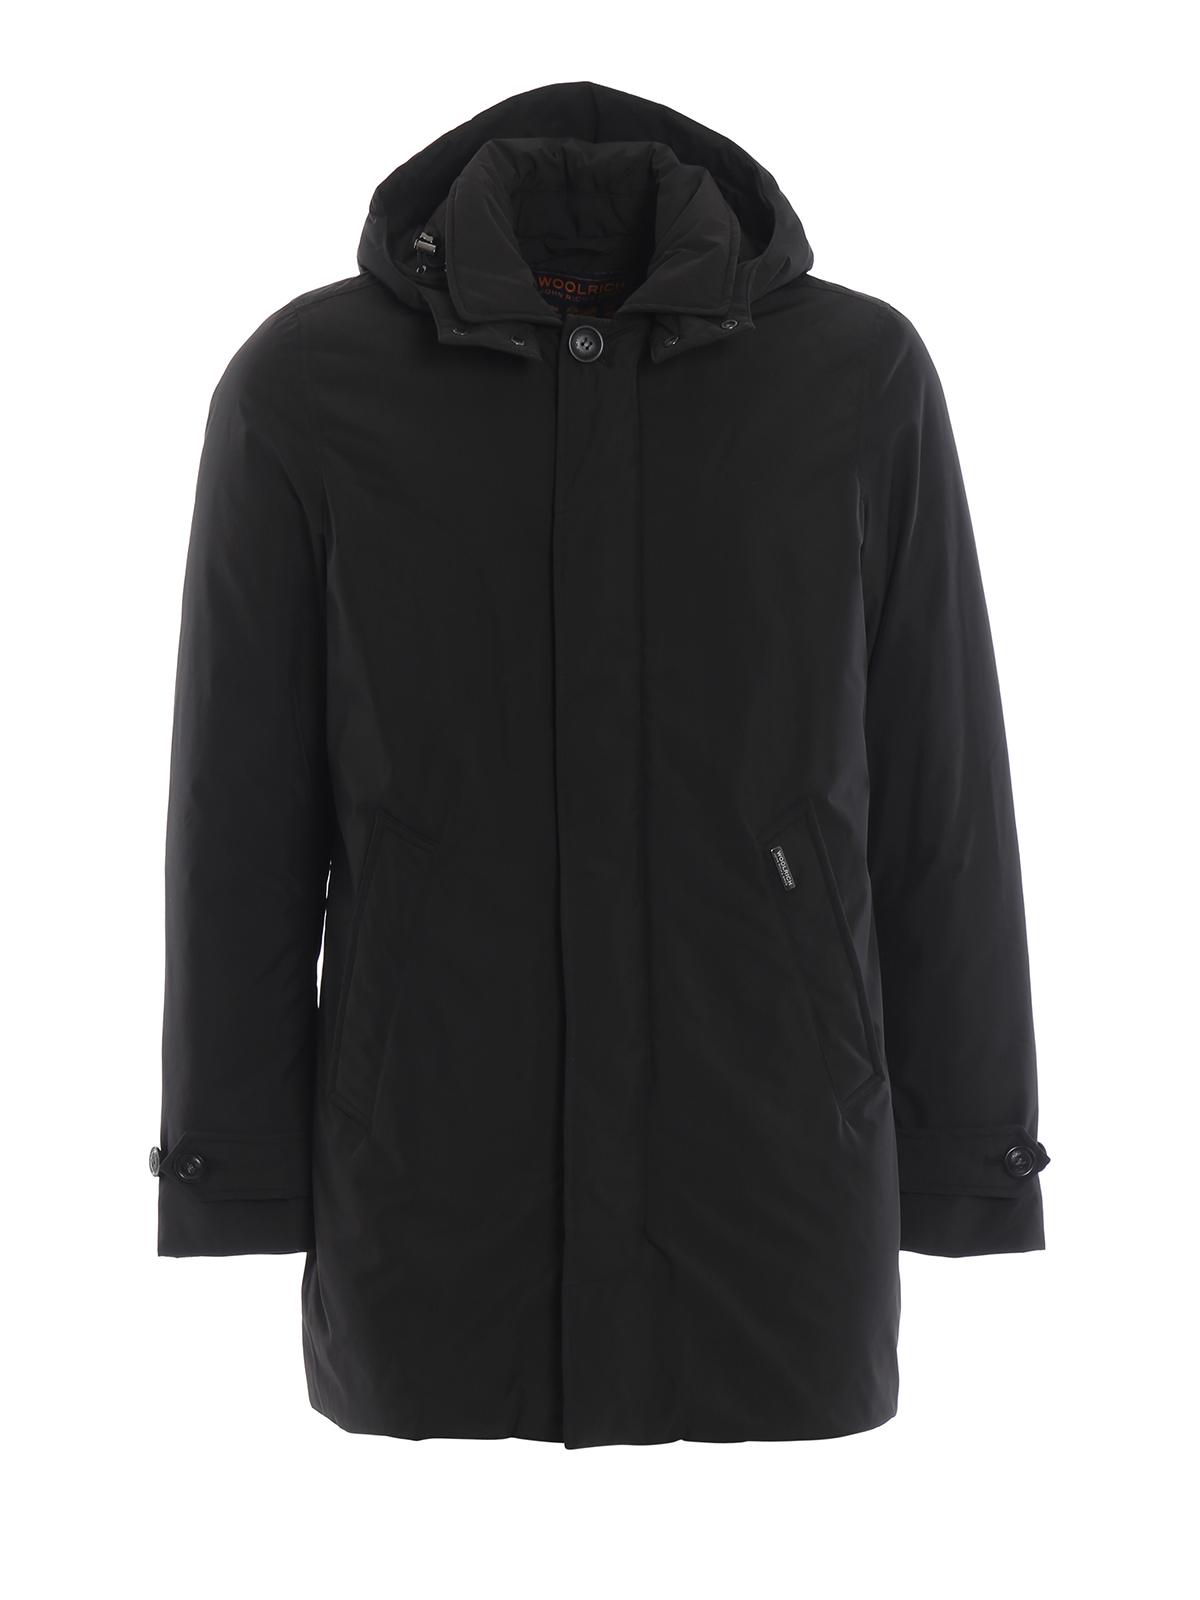 Piumino Woolrich City Cappotti Coat Imbottiti Nero YqxwU6O8R